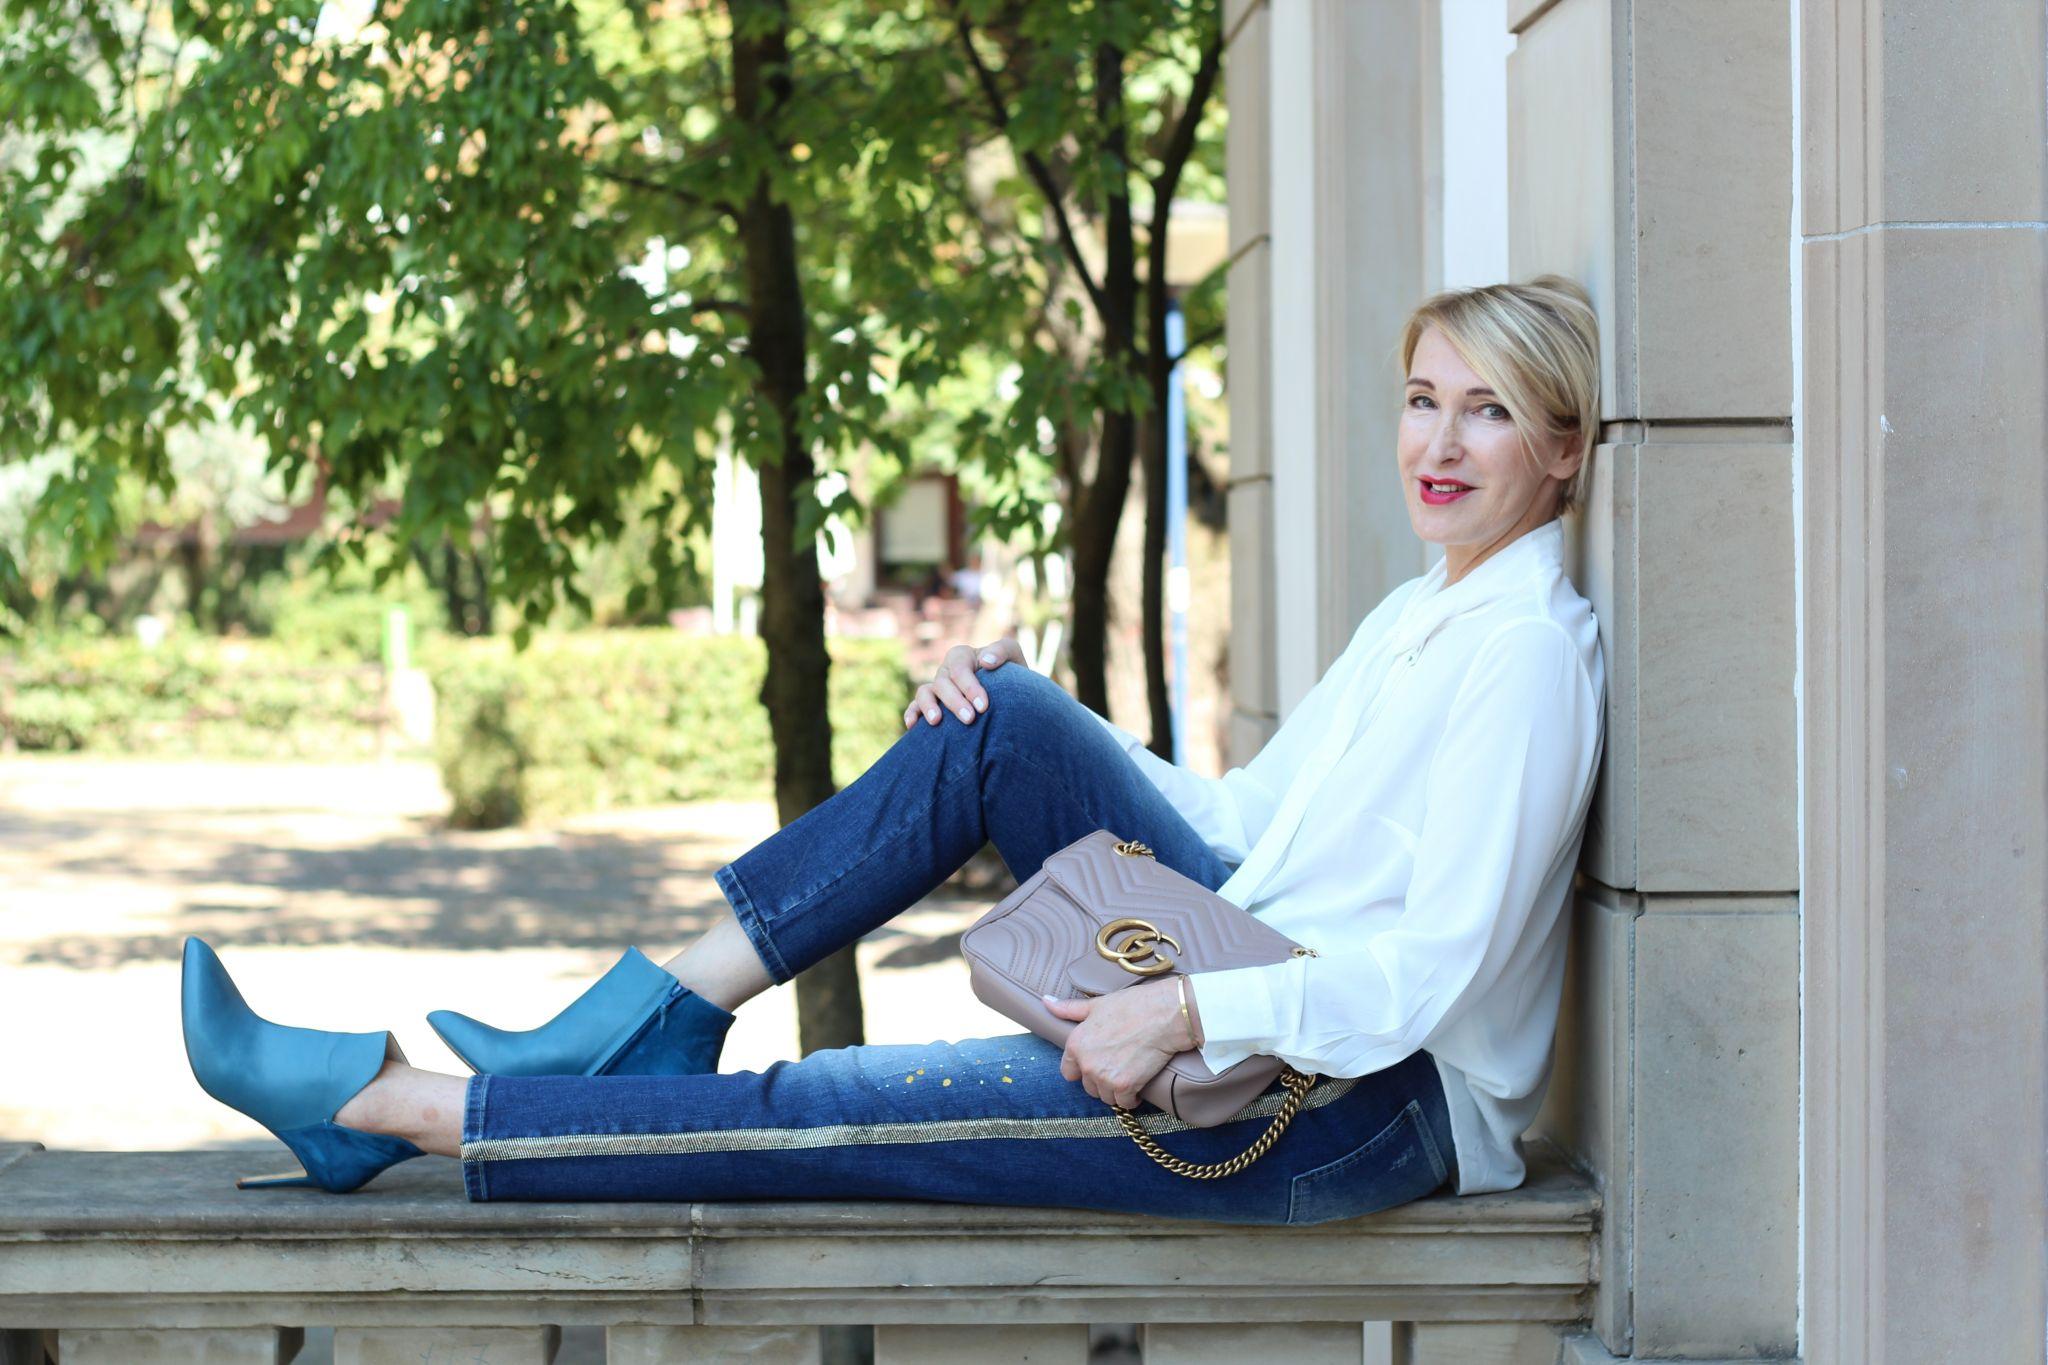 Glamupyourlifestyle Mona-Magazin Zukkermädchen Interview-Zukkermädchen Ü-40-Blog ue-50-Blog Herbsttrends